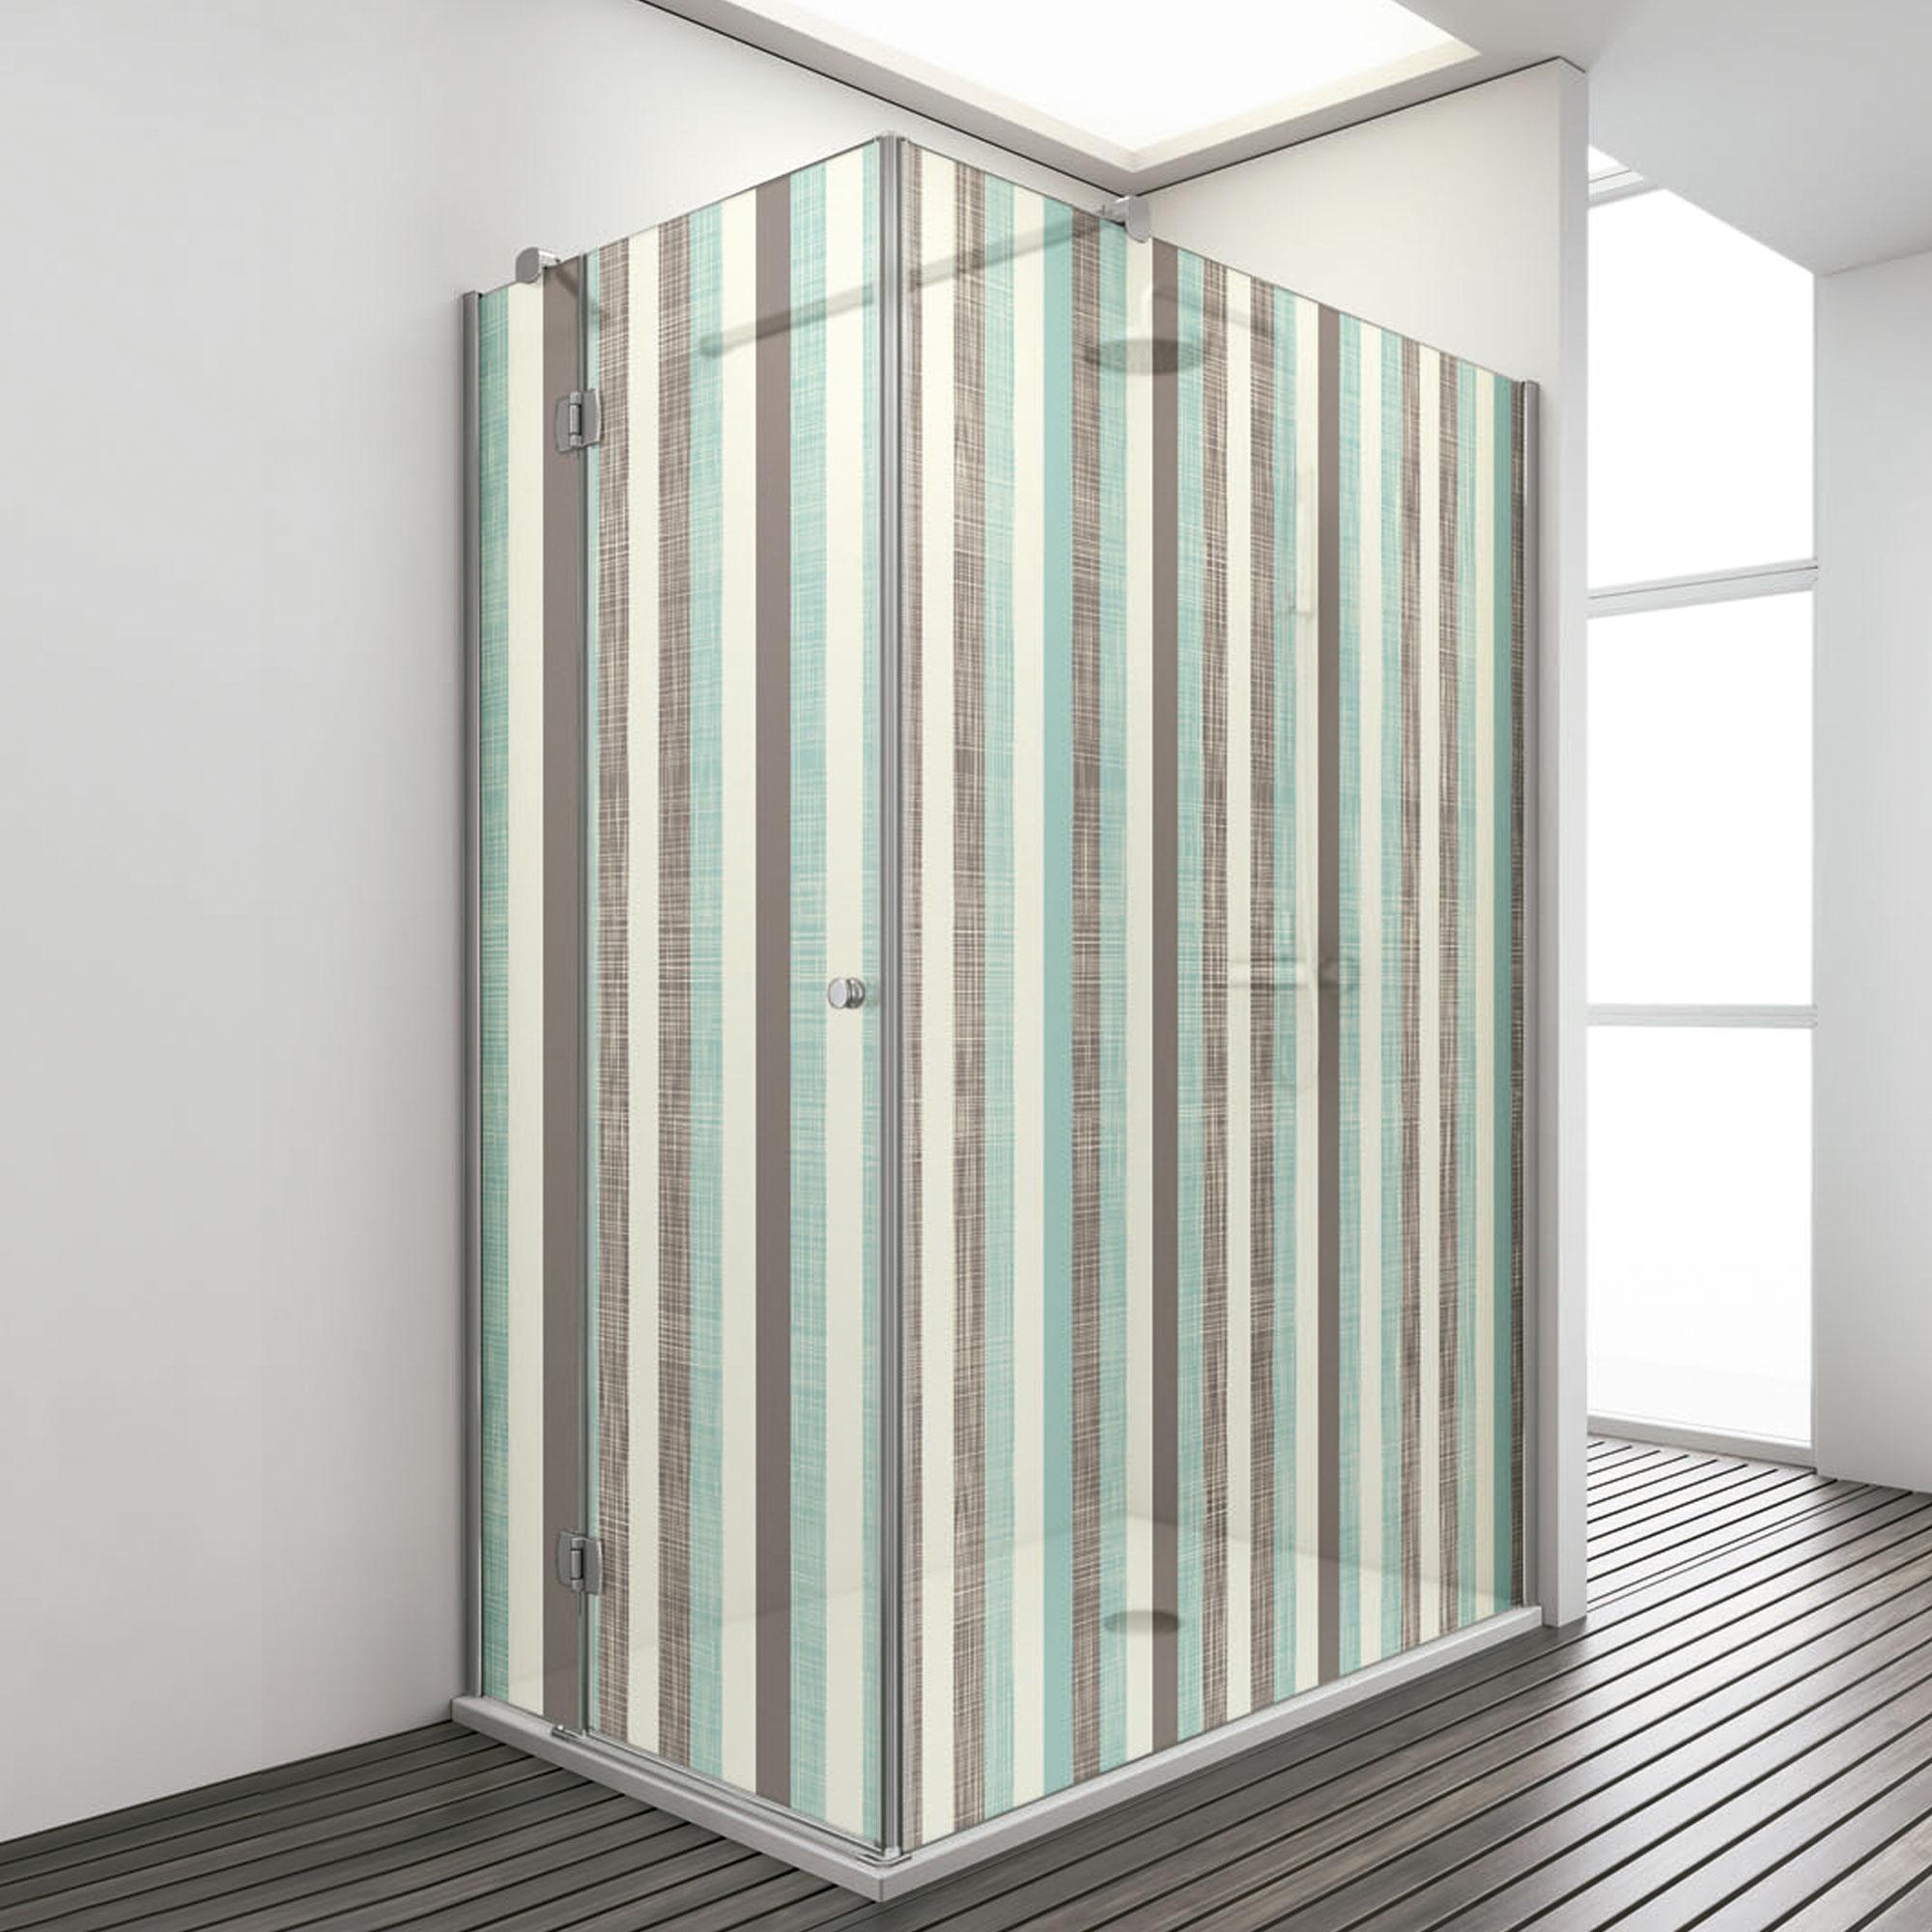 Mamparas Para Baños Glass:Disponen de varios diseños de mamparas para baños de personas con